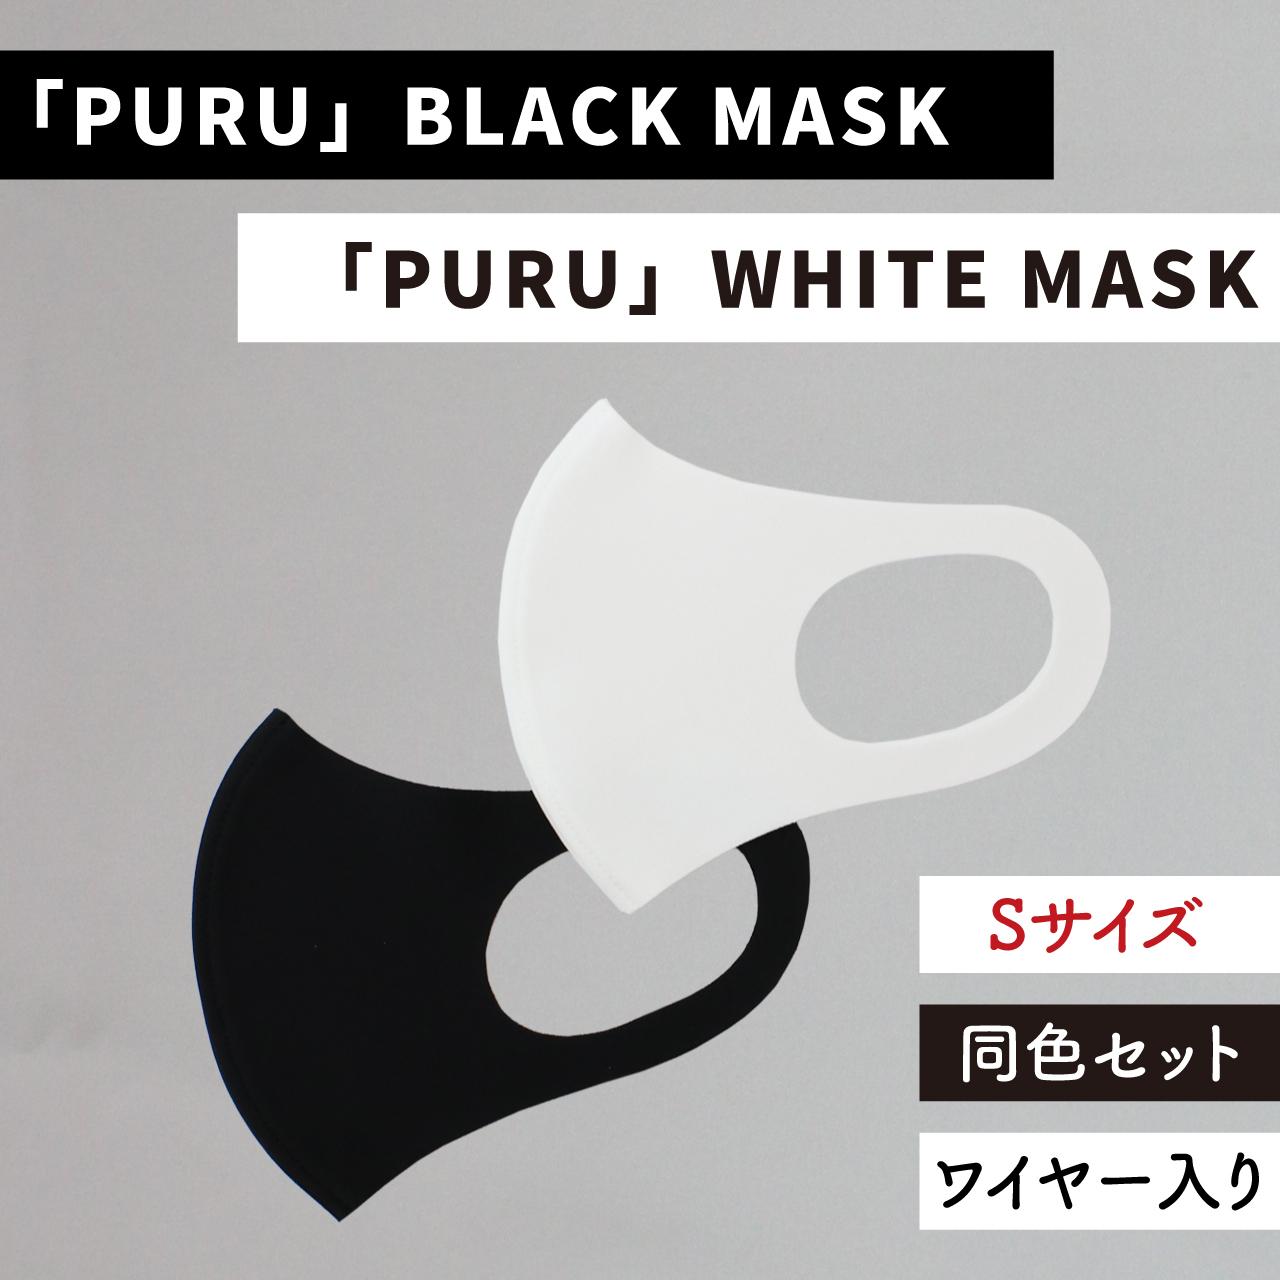 Sサイズ 「ぷる」マスク 白黒 同色2枚入